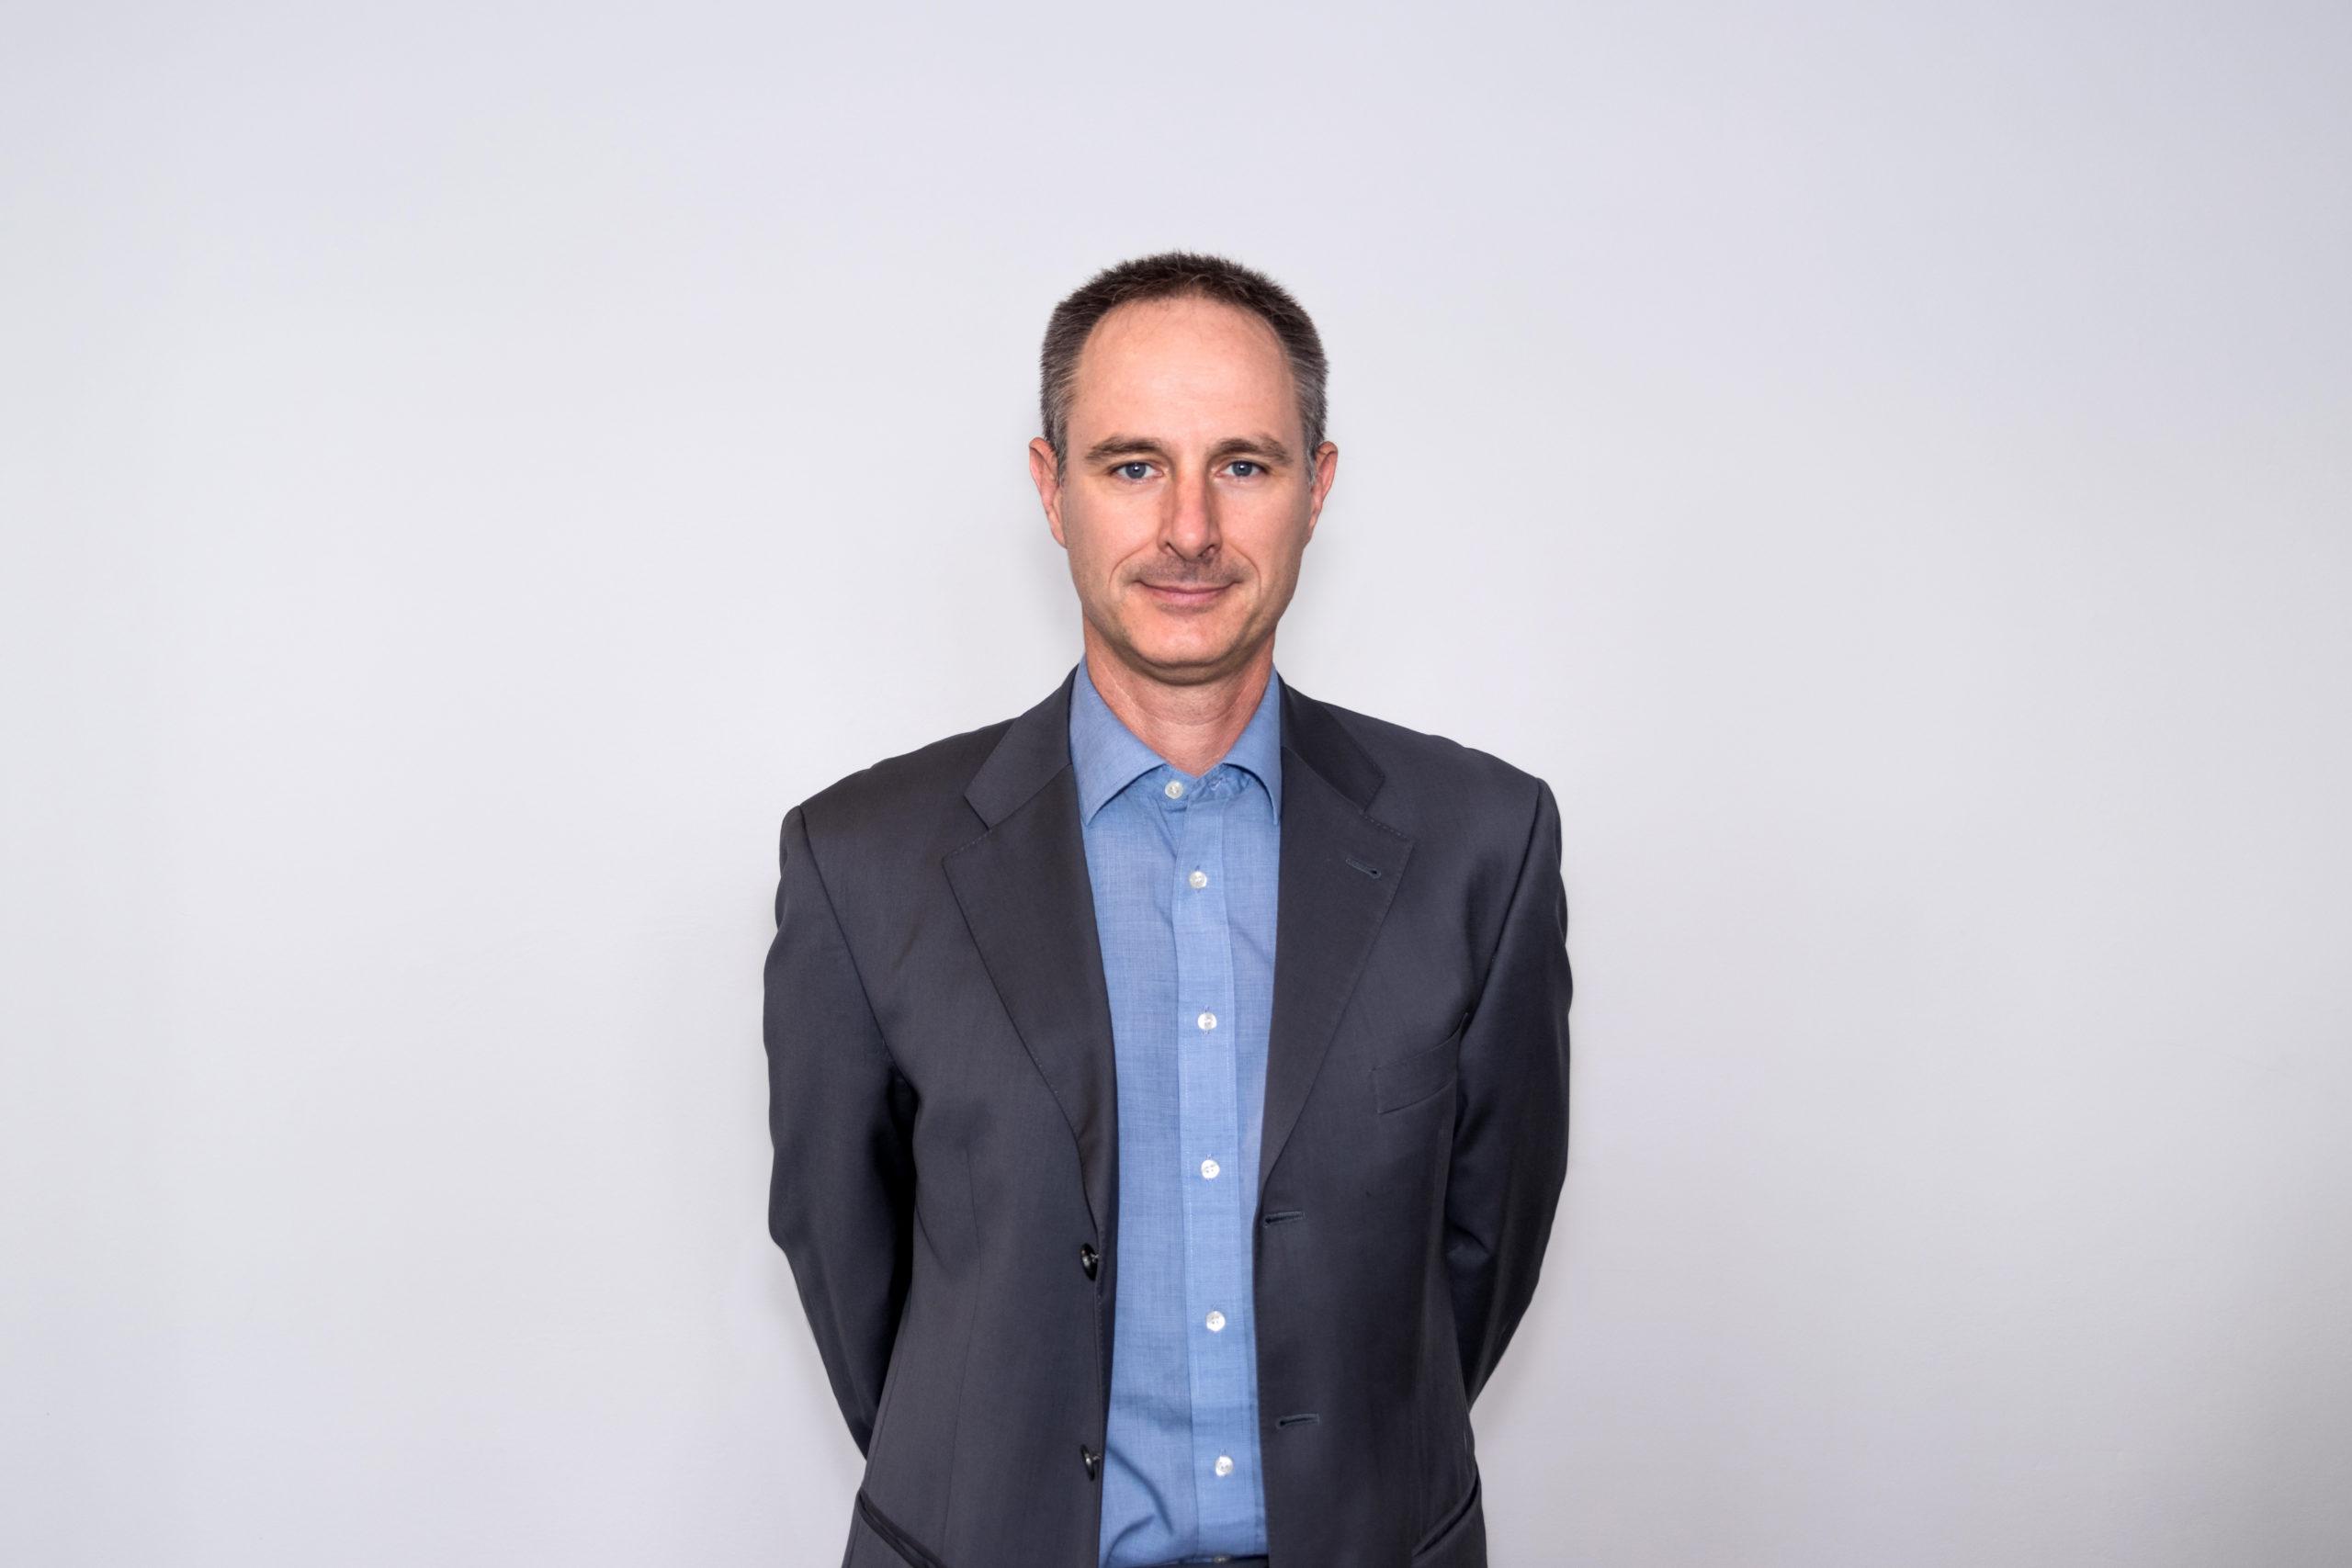 Assoc. Prof. Andrej Gubina, PhD